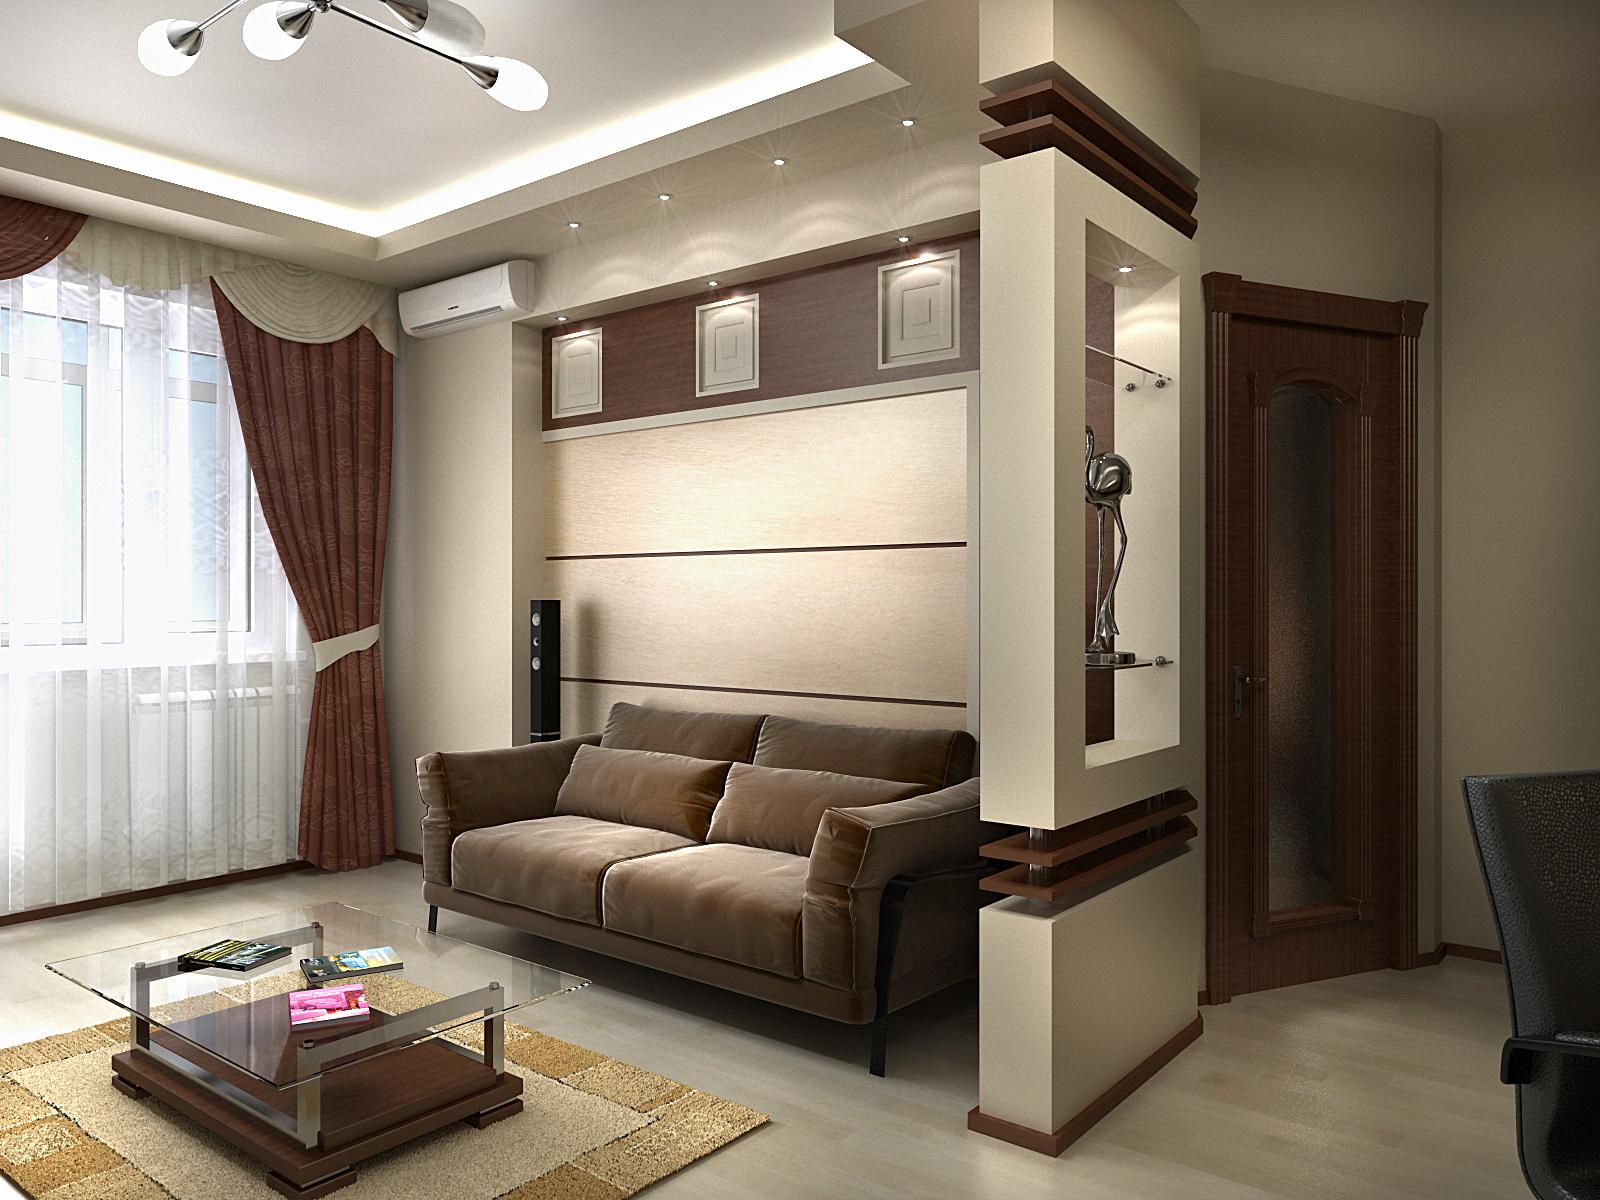 Papillon-design :: Дизайн интерьера - дизайн квартир ...